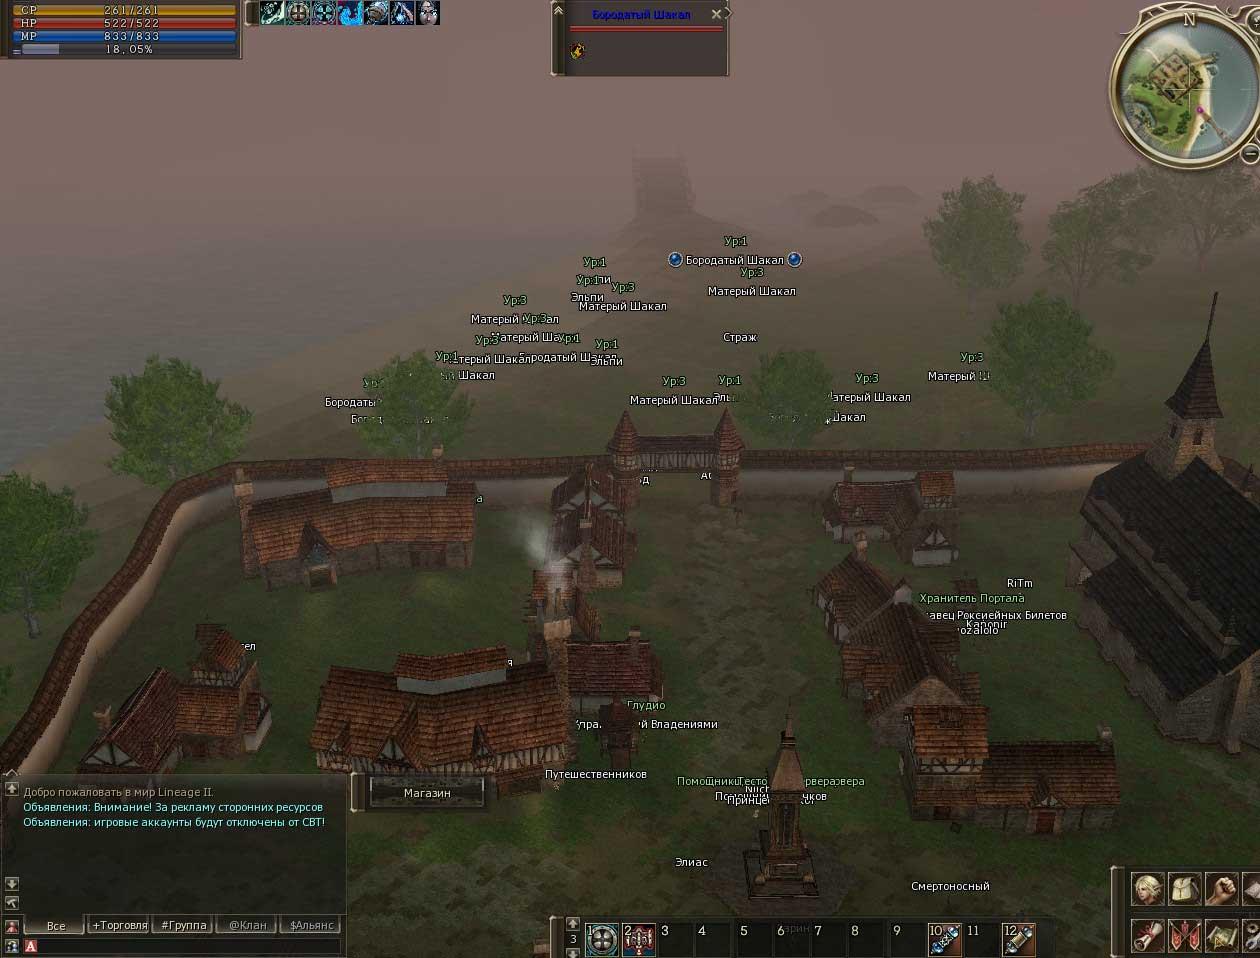 Демонстрационные скриншоты рабочего патча на zoom для РуОф.